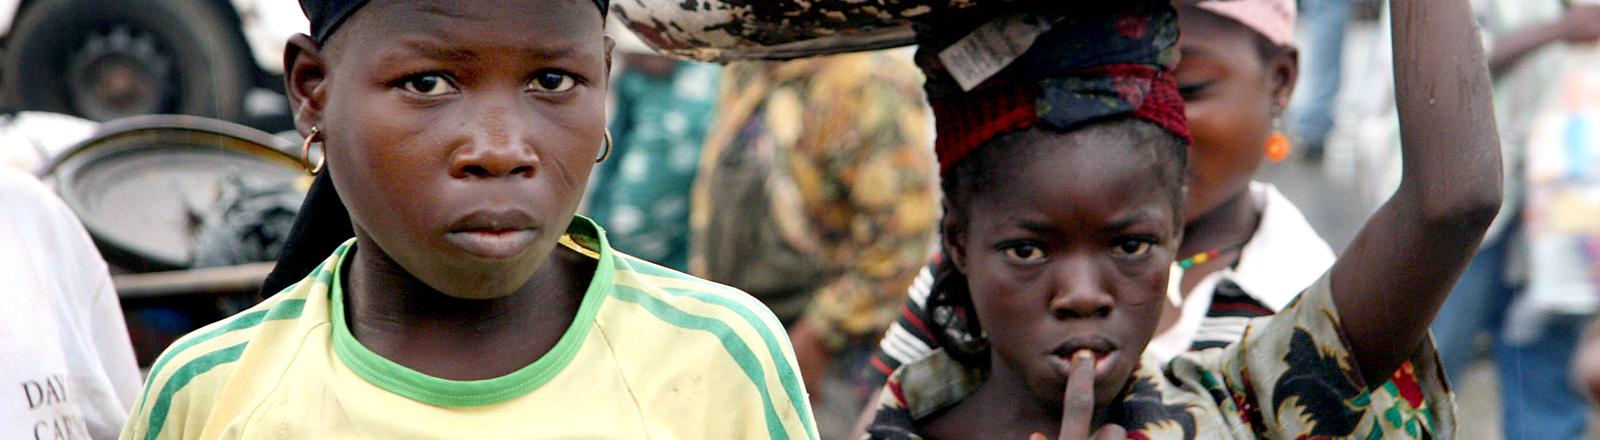 Ghanaische Mädchen werden als Sklavinnen gehalten.